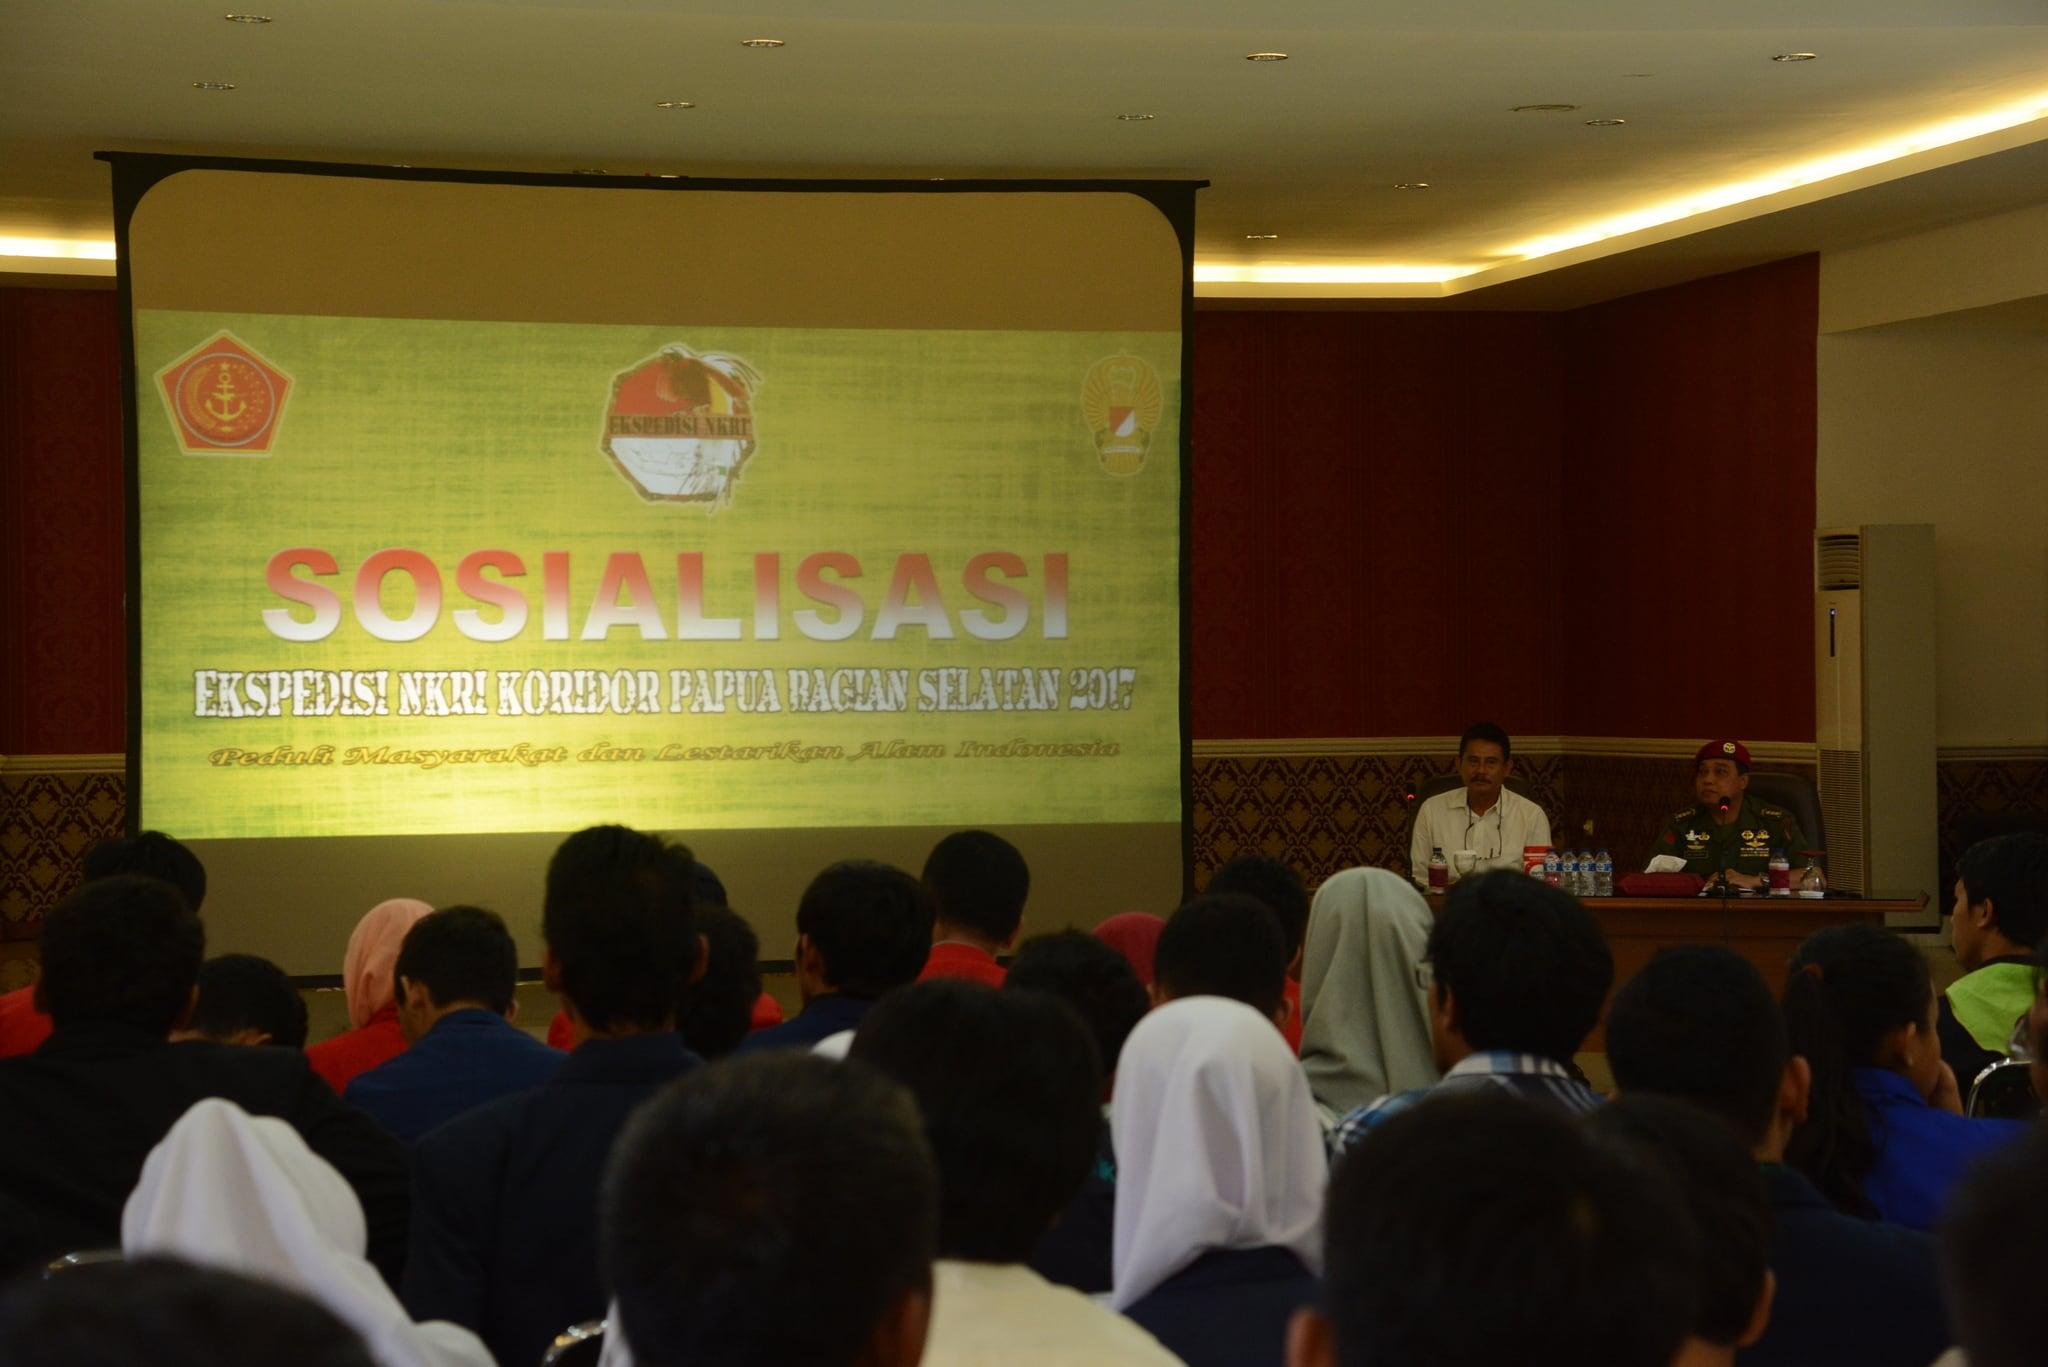 Kopassus Gelar Sosialisasi Ekspedisi NKRI 2017